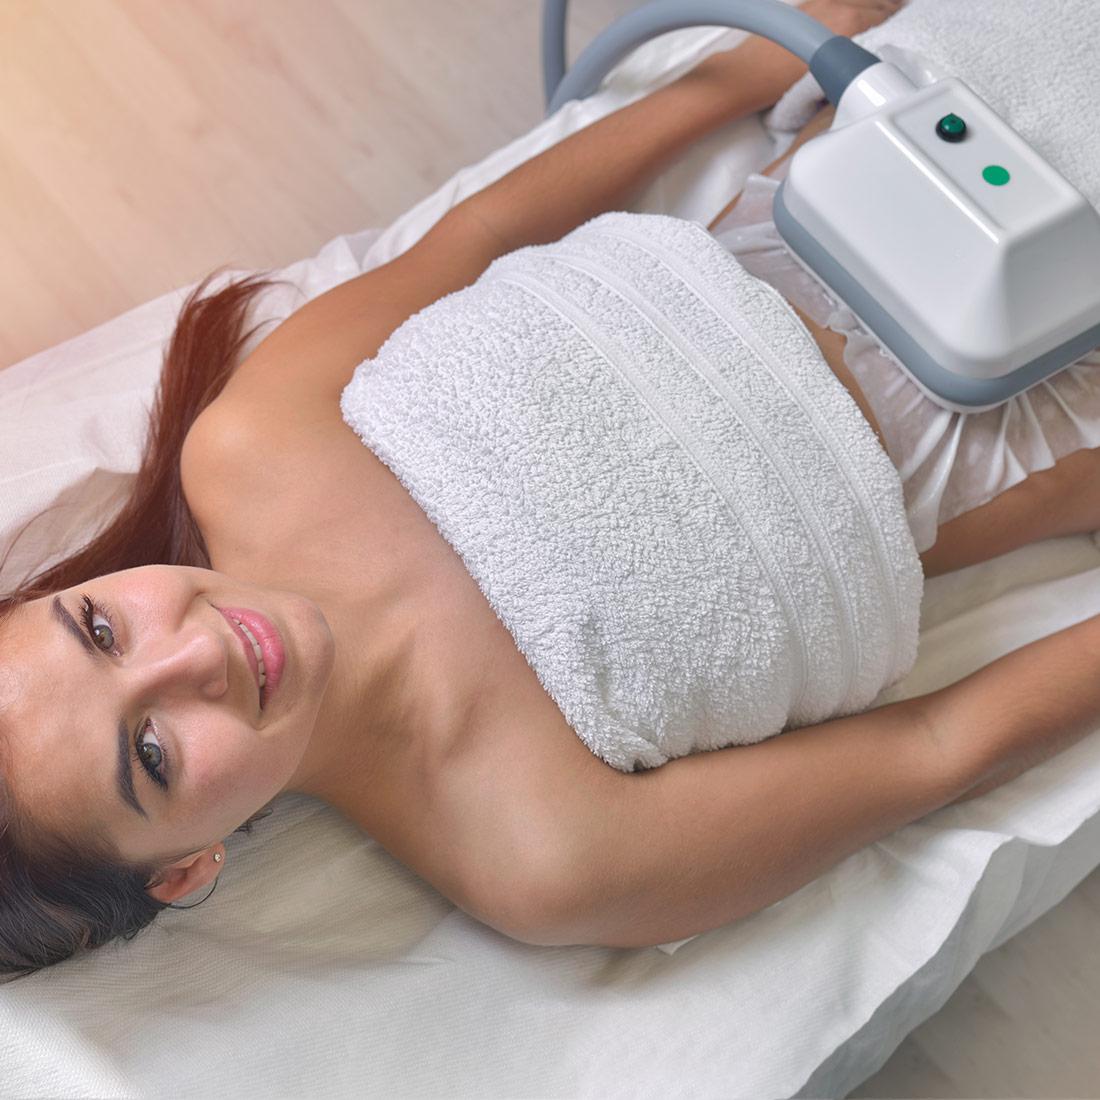 Όμορφη νεαρή γυναίκα σε κέντρο αισθητικής απολαμβάνει μια θεραπεία κρυολιπόλησης